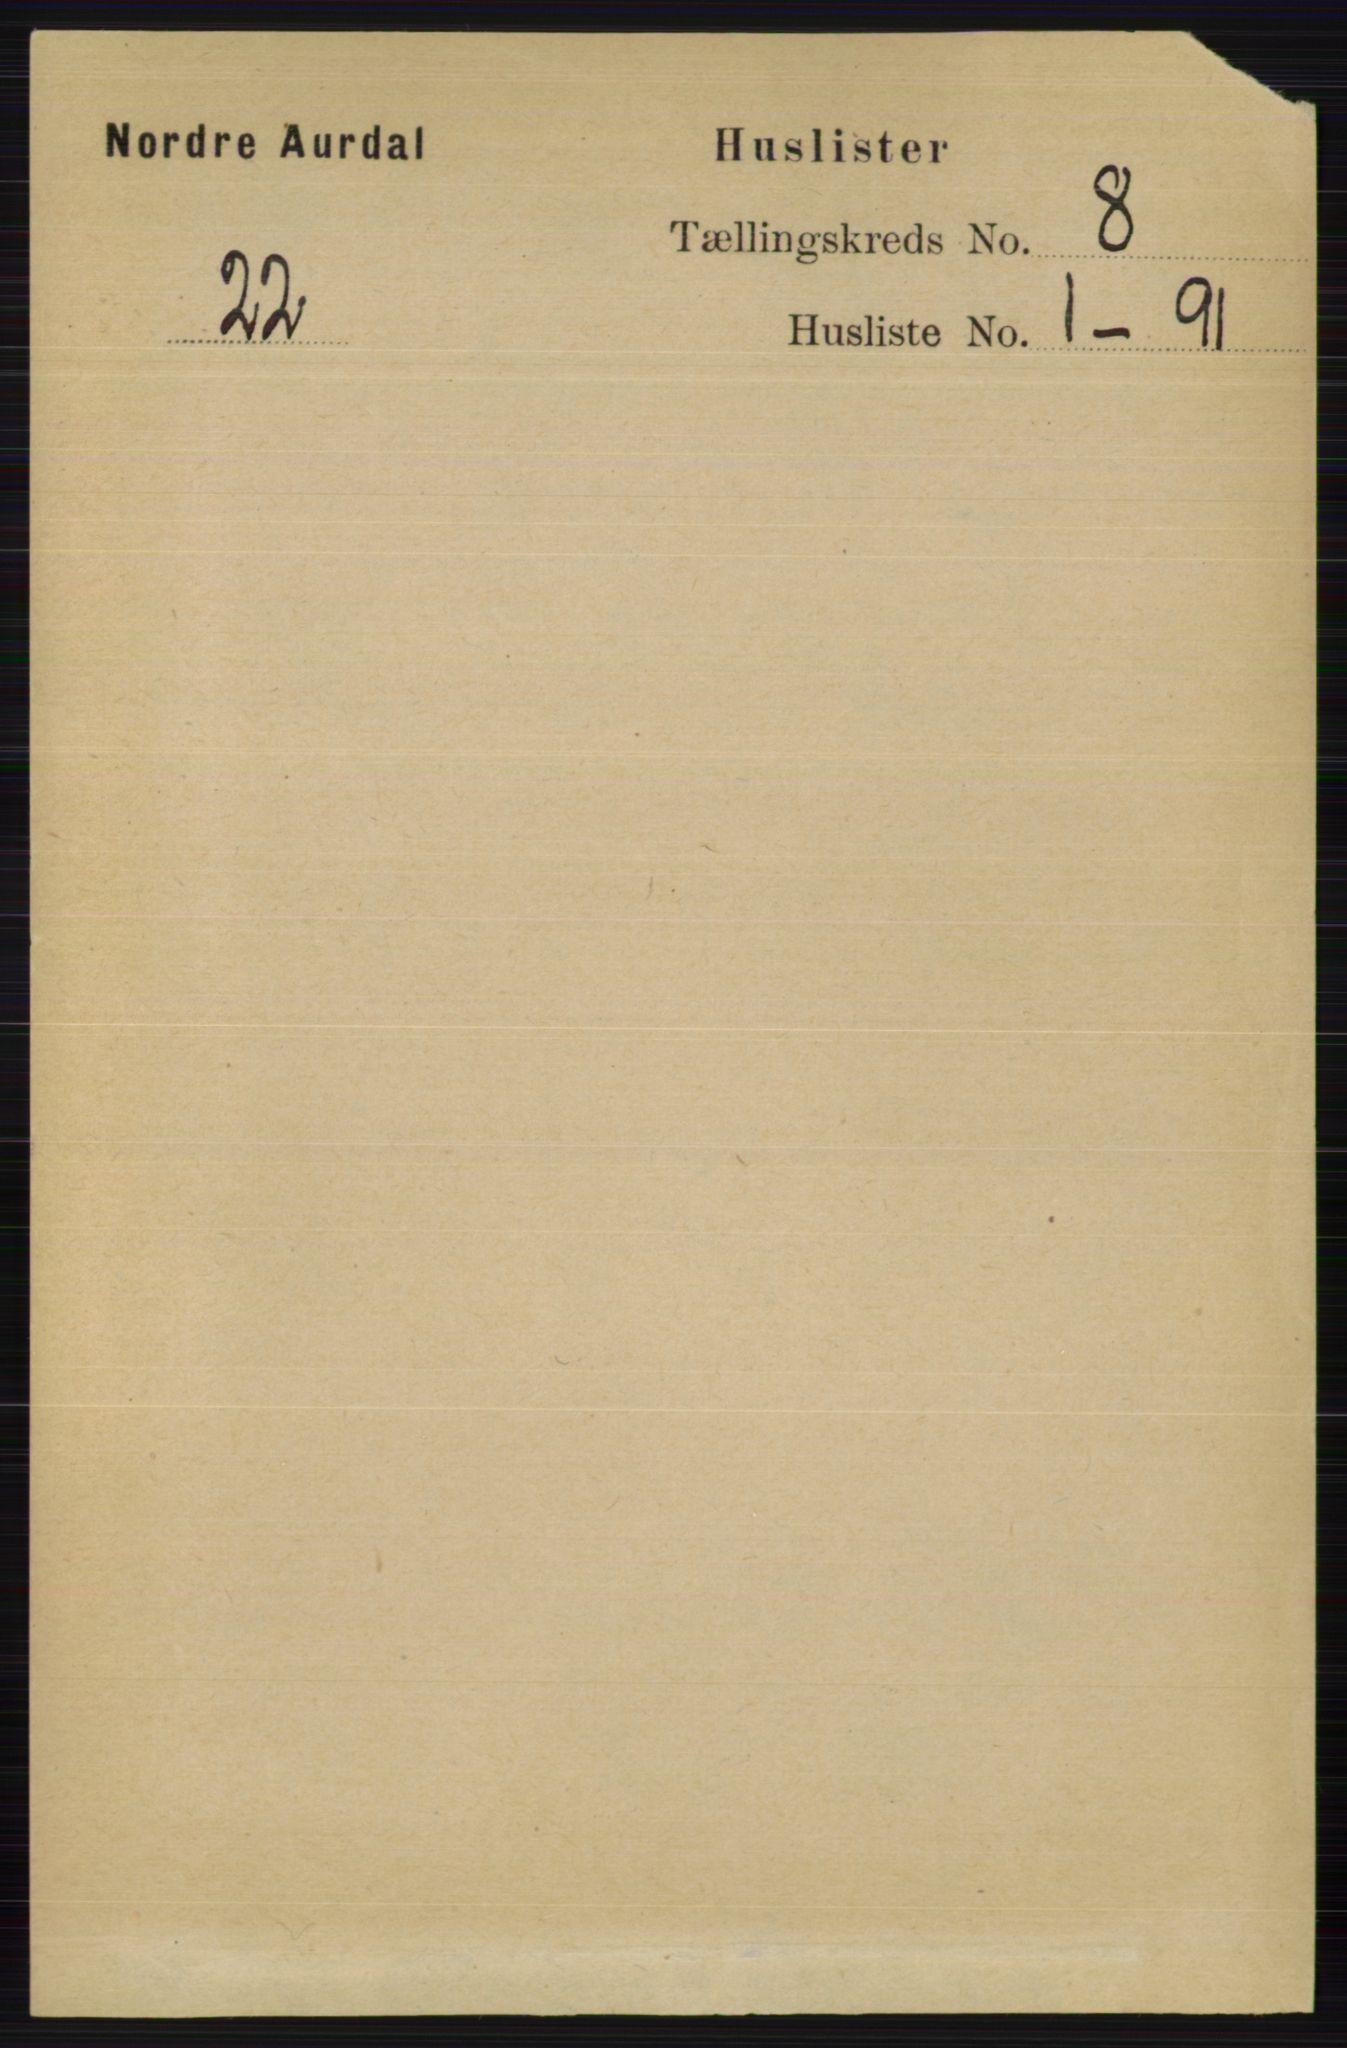 RA, Folketelling 1891 for 0542 Nord-Aurdal herred, 1891, s. 2705